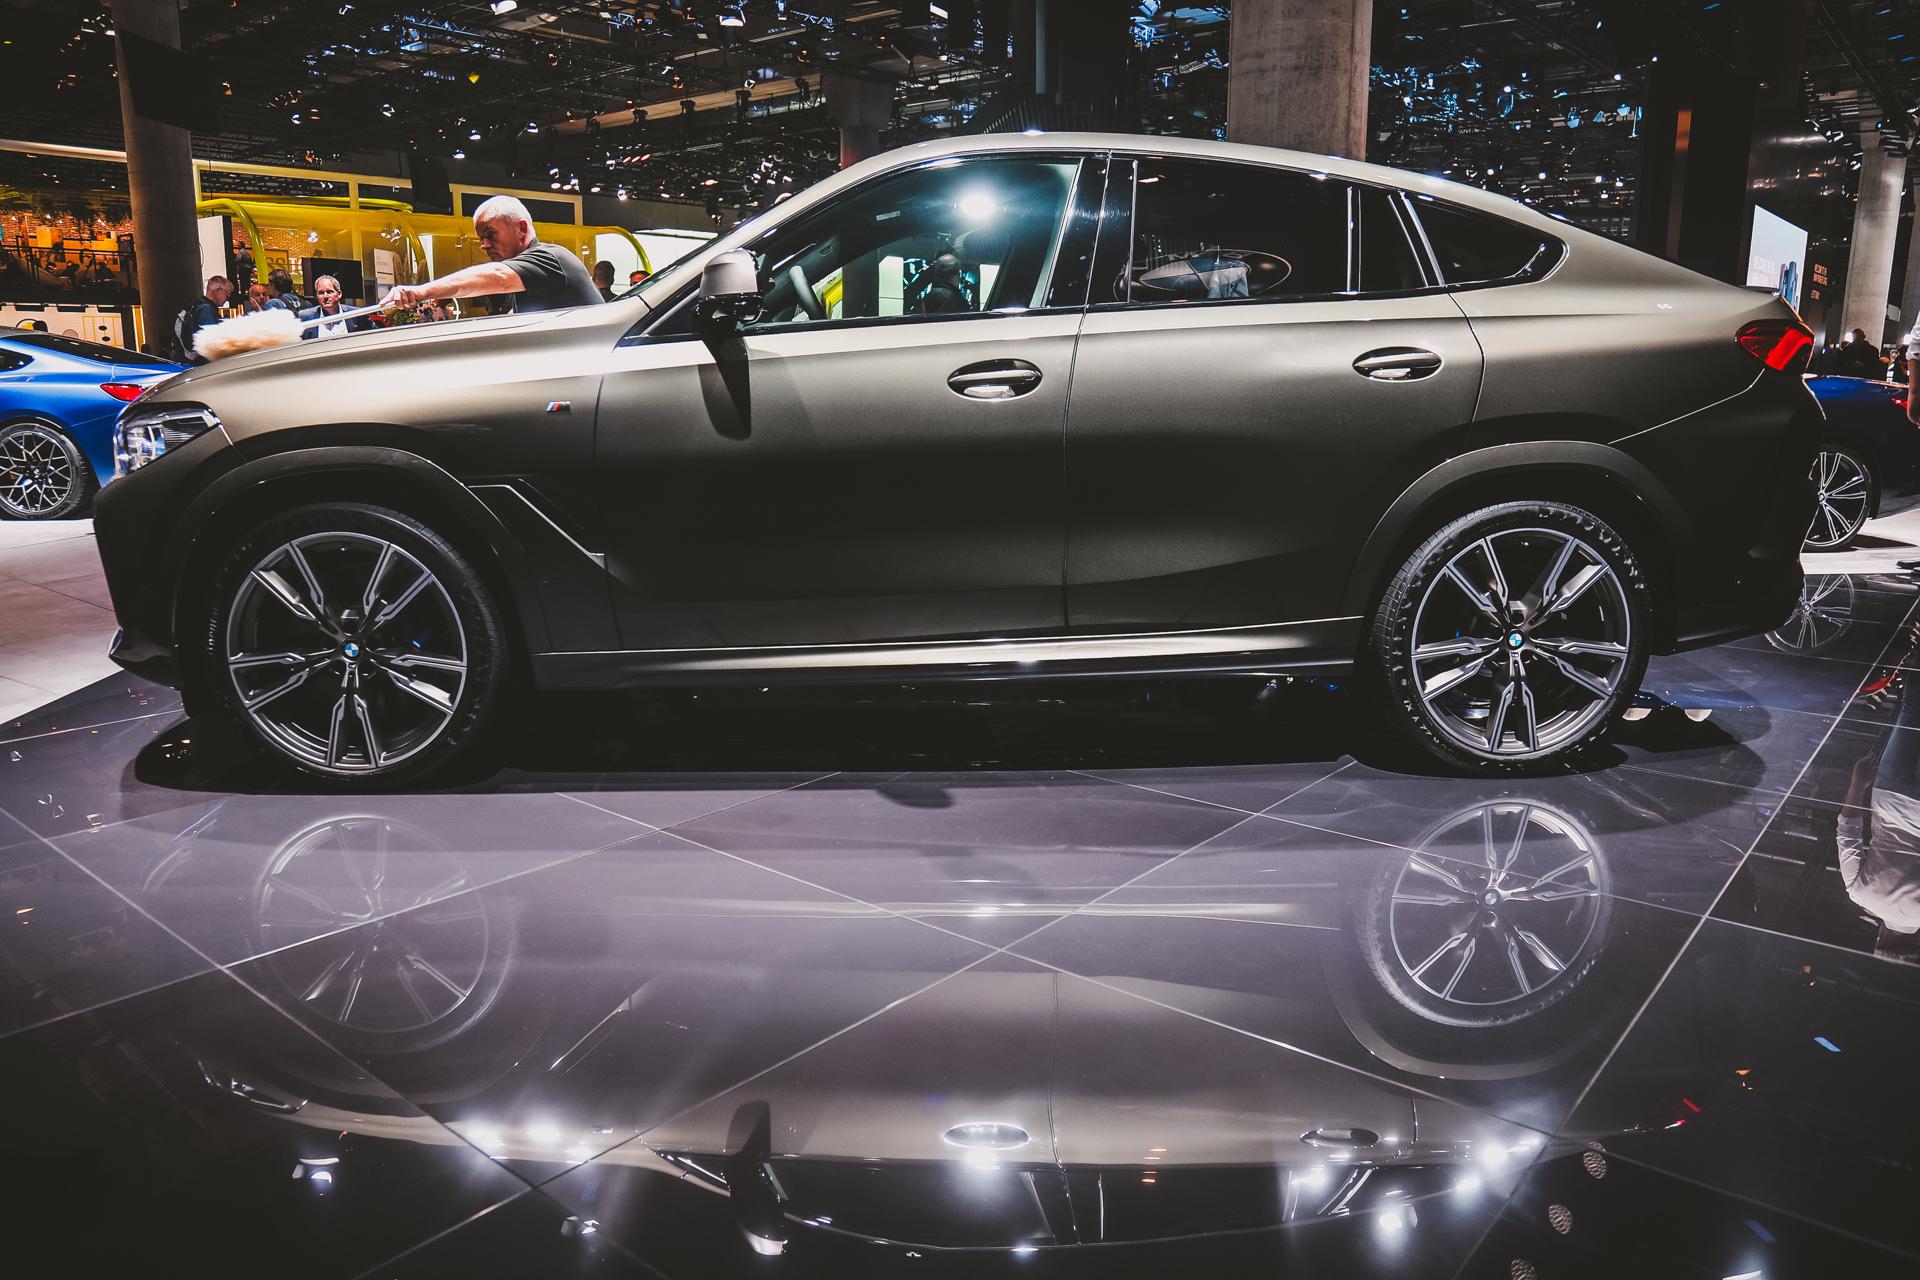 2020 Bmw X6 Live Photos From Frankfurt Auto Show